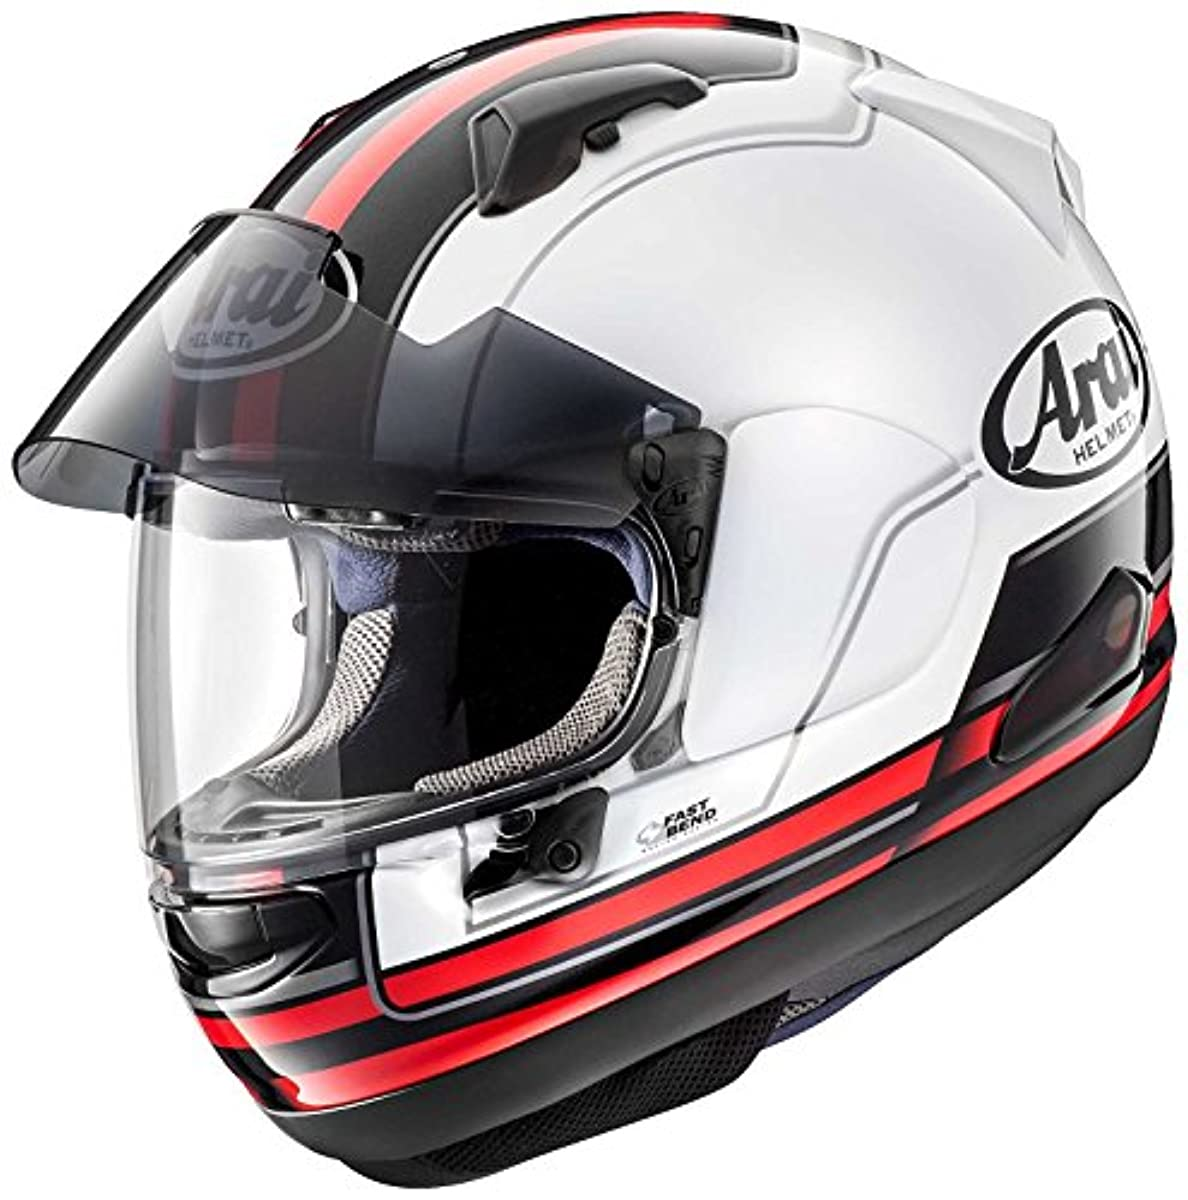 [해외] 아라이 (ARAI 아라이 헬멧) 풀 페이스 헬멧 아스 트럴-X 스테도(STINT) 레드 59-60CM (핀 그린 씨트120(클리어)부착) ASTRAL-X-STINT-RD59